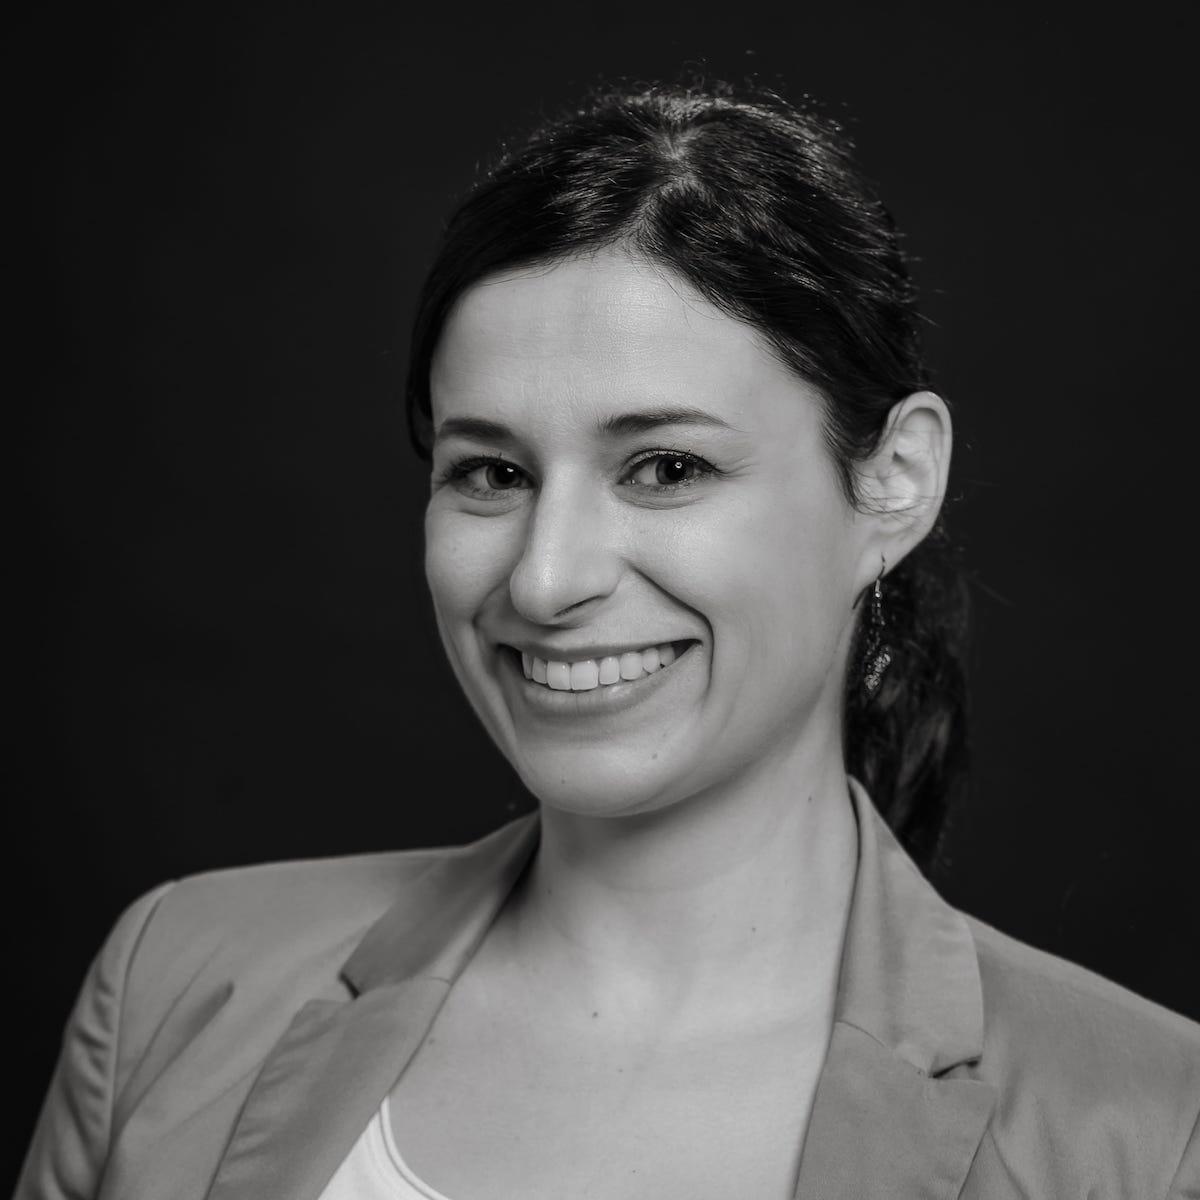 Silvia Blattmann